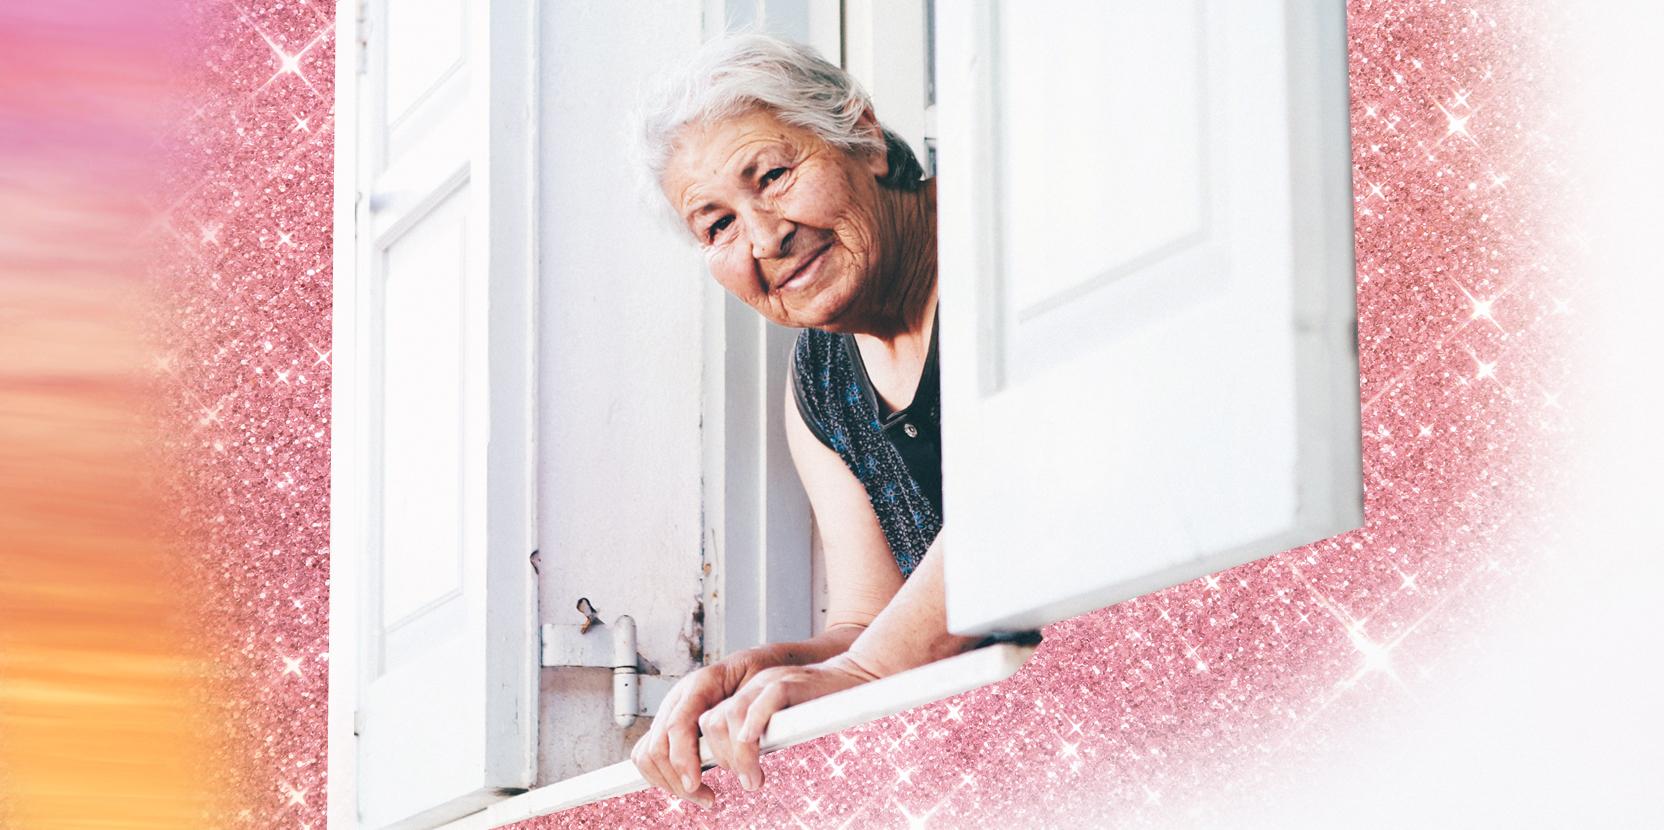 La longevità in Sardegna, studiata in tutto il mondo: eh già, qui si vive alla grande!